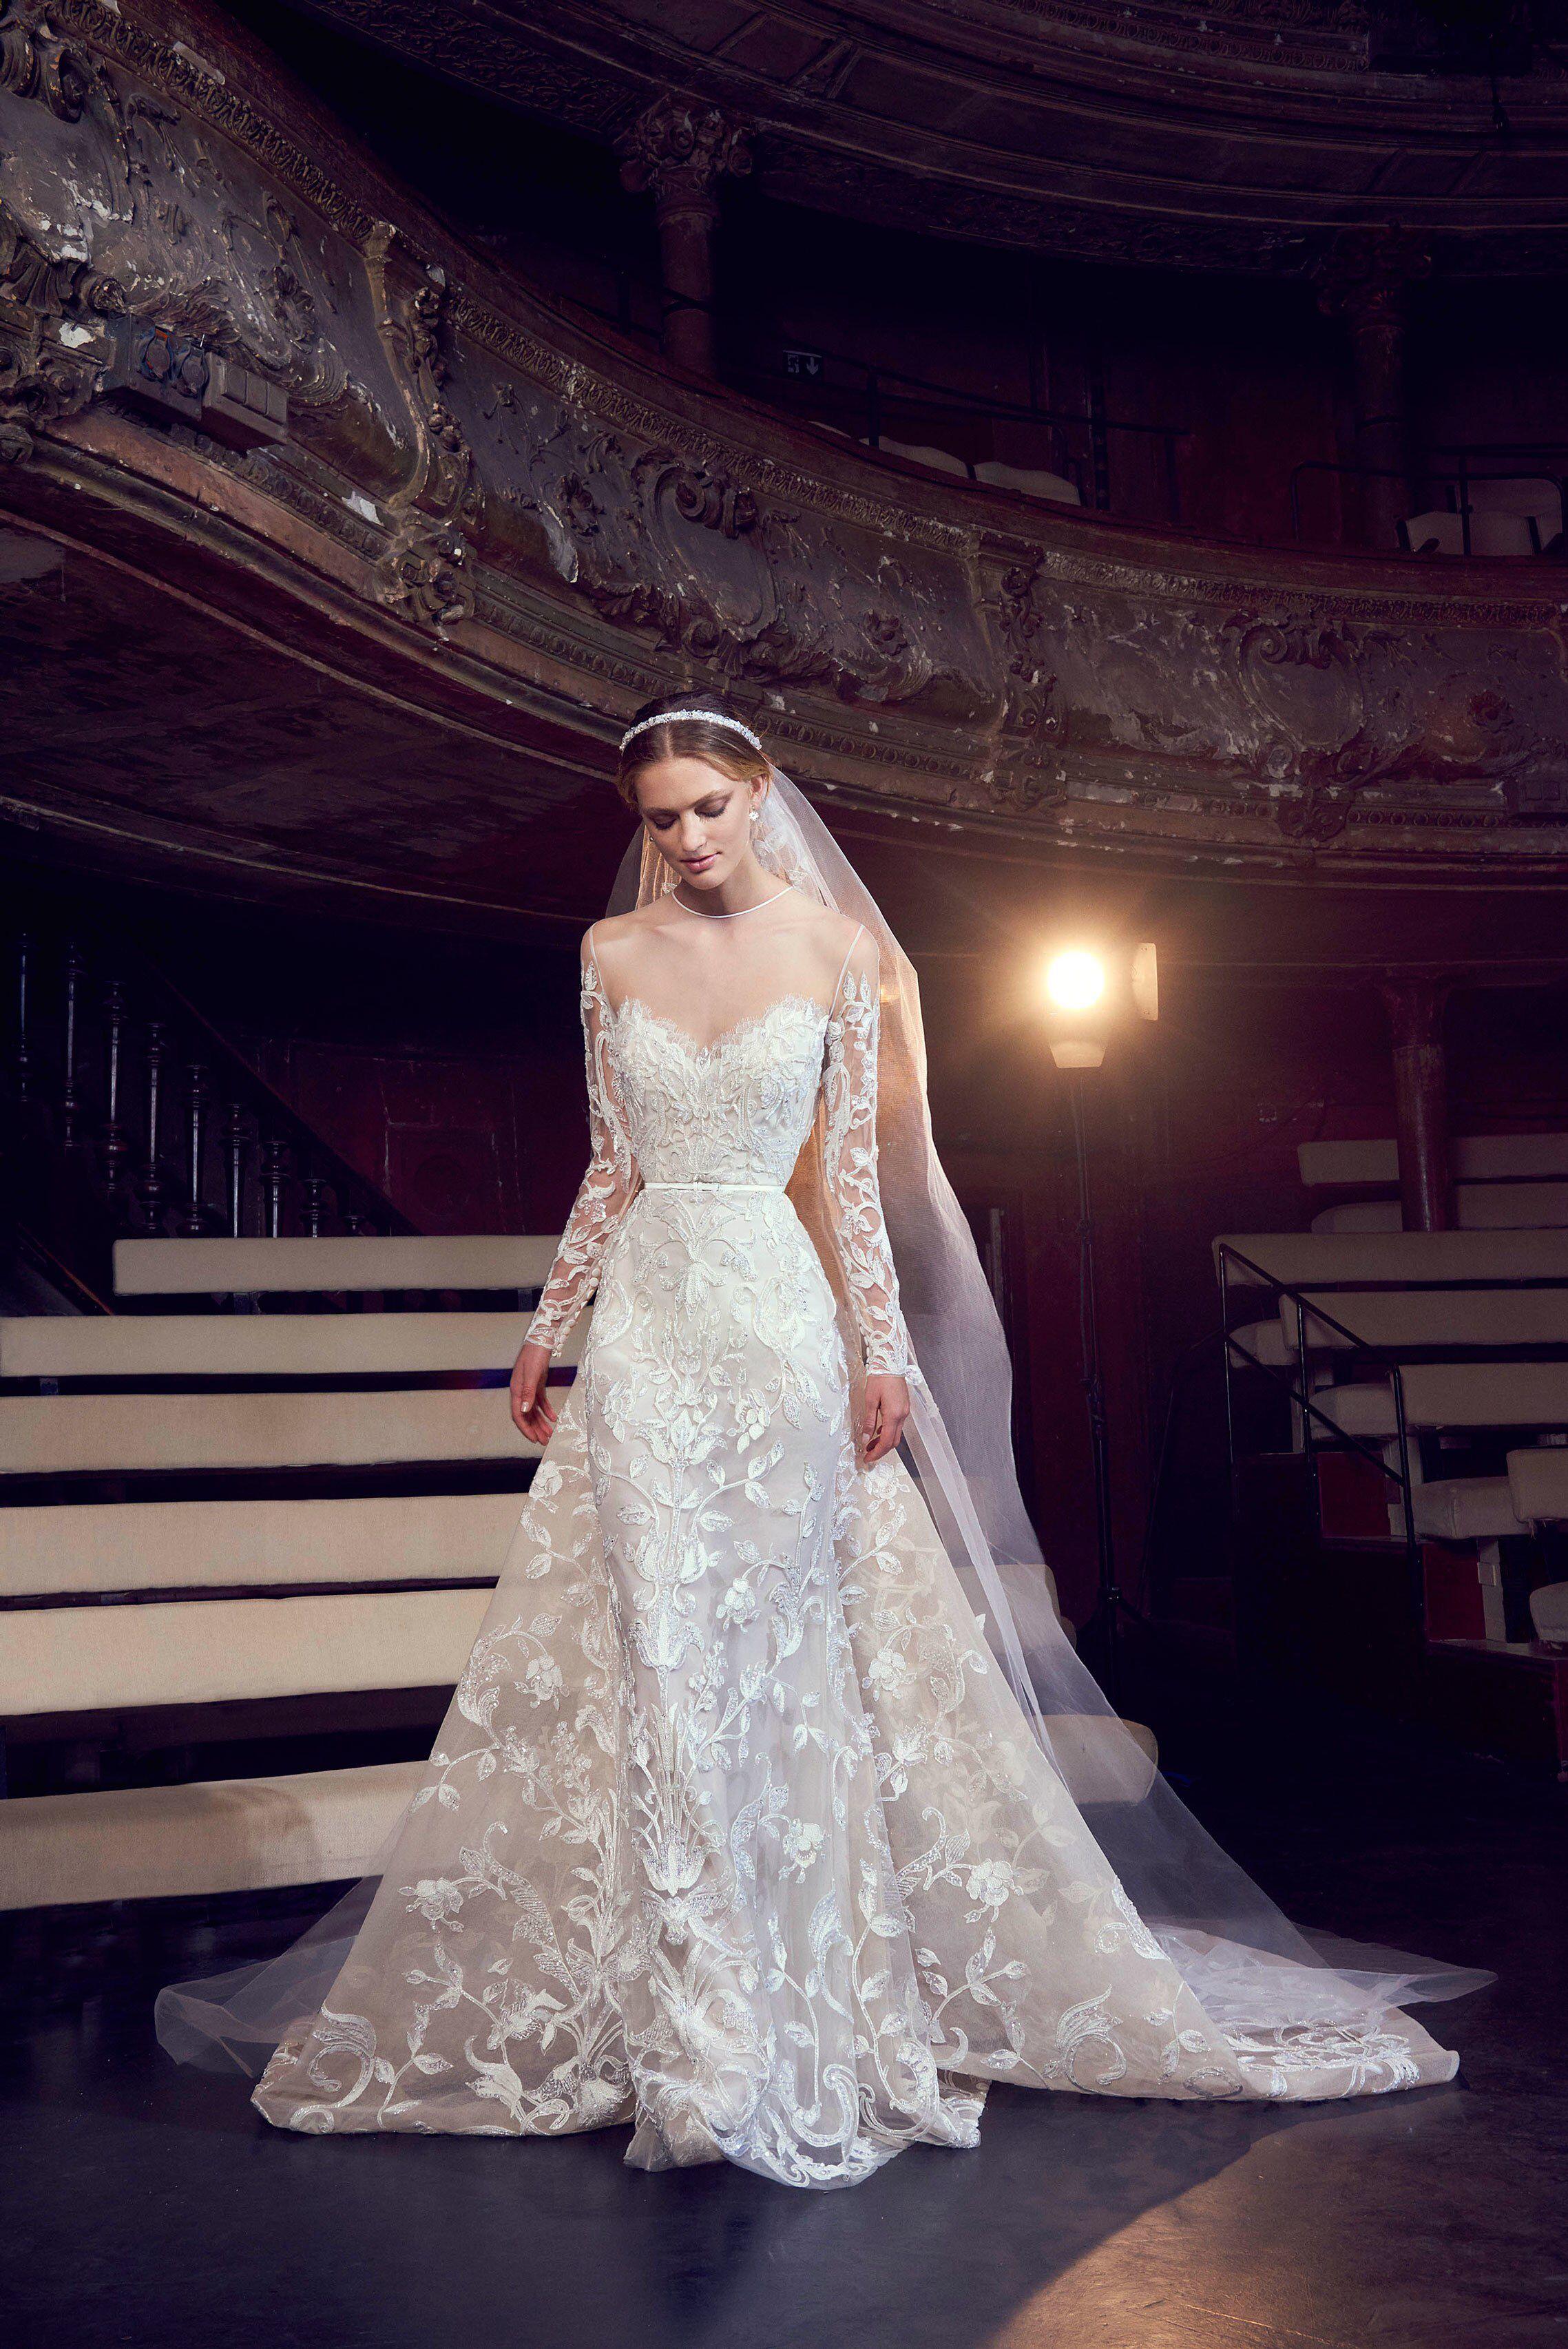 Elie saab bridal fall fashion show 핀 pinterest wedding